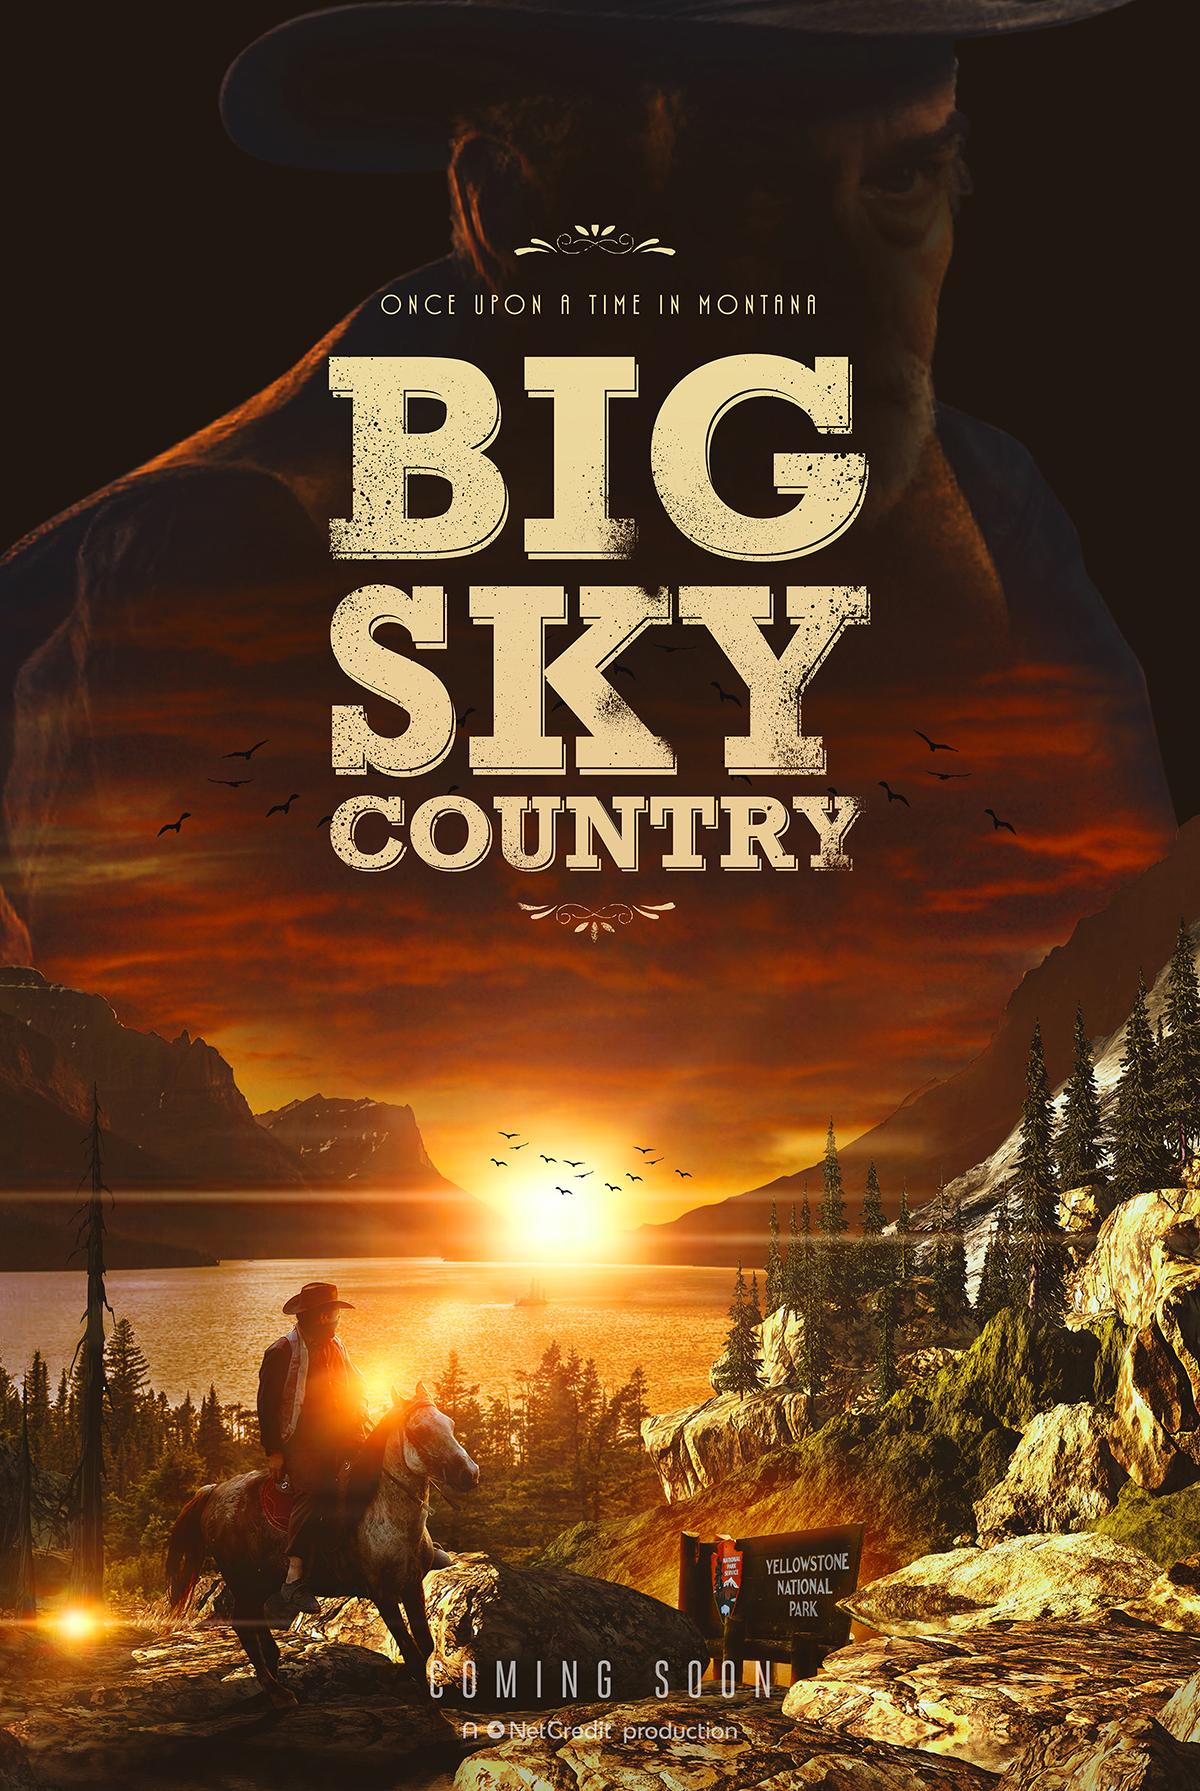 Montana Movie